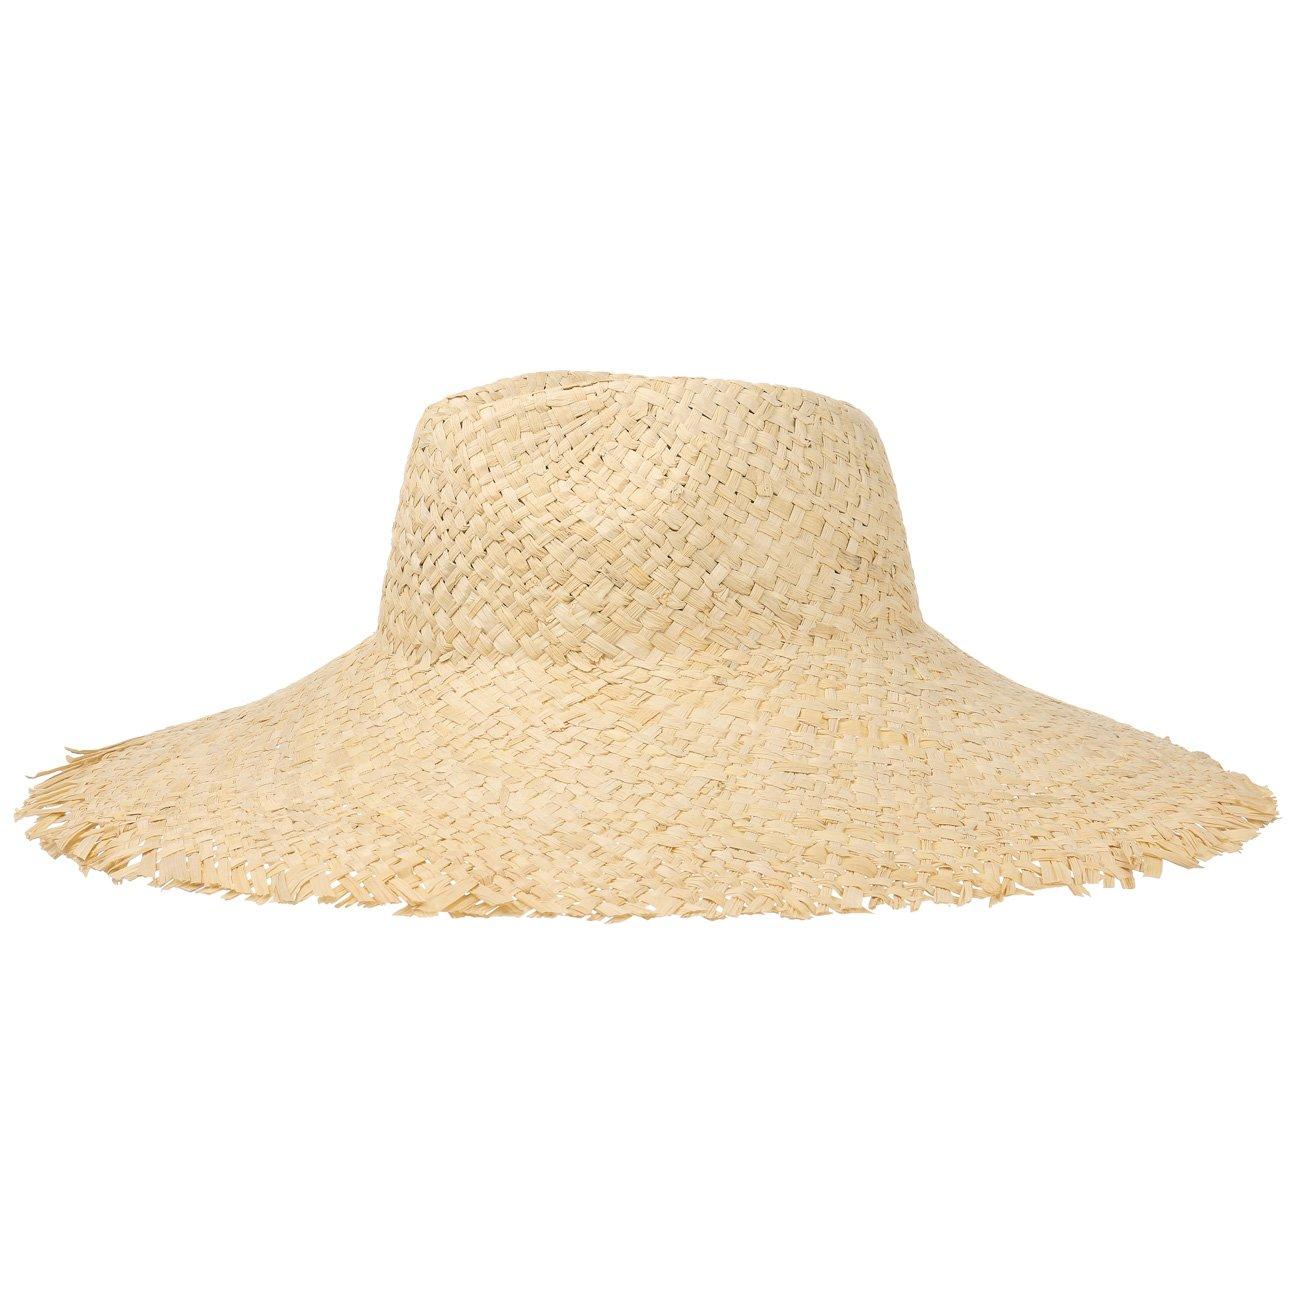 Karibik Strohhut Damen/Herren | Sommerhut aus 100% Stroh | Hut in Einheitsgröße (58-61 cm) | ausgefranste Krempe (15 cm) | Sonnenhut Frühling/Sommer